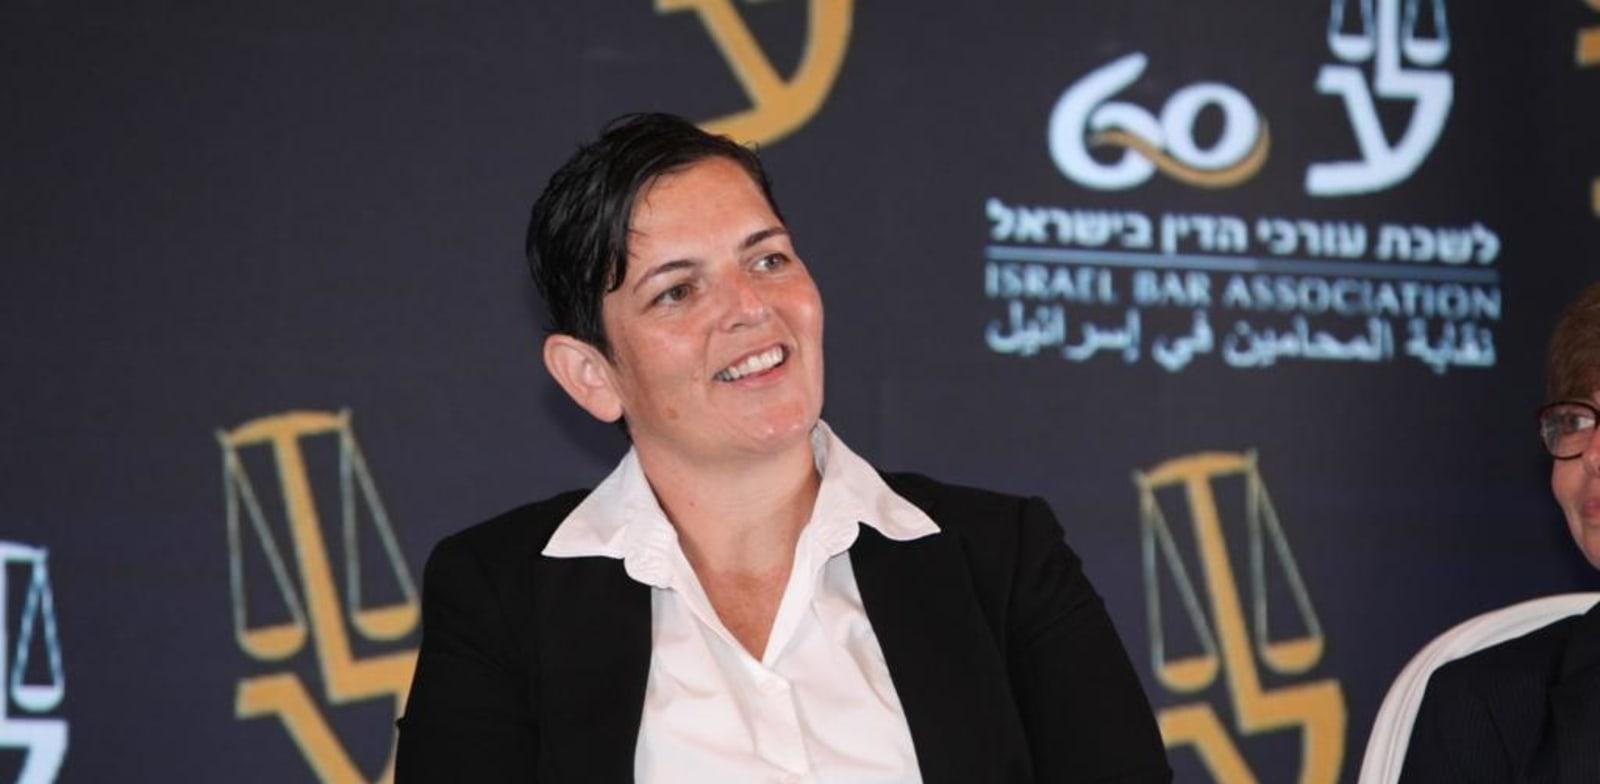 עו״ד סיגל יעקבי, הממונה על חדלות פירעון ושיקום כלכלי / צילום: דוברות לשכת עורכי הדין